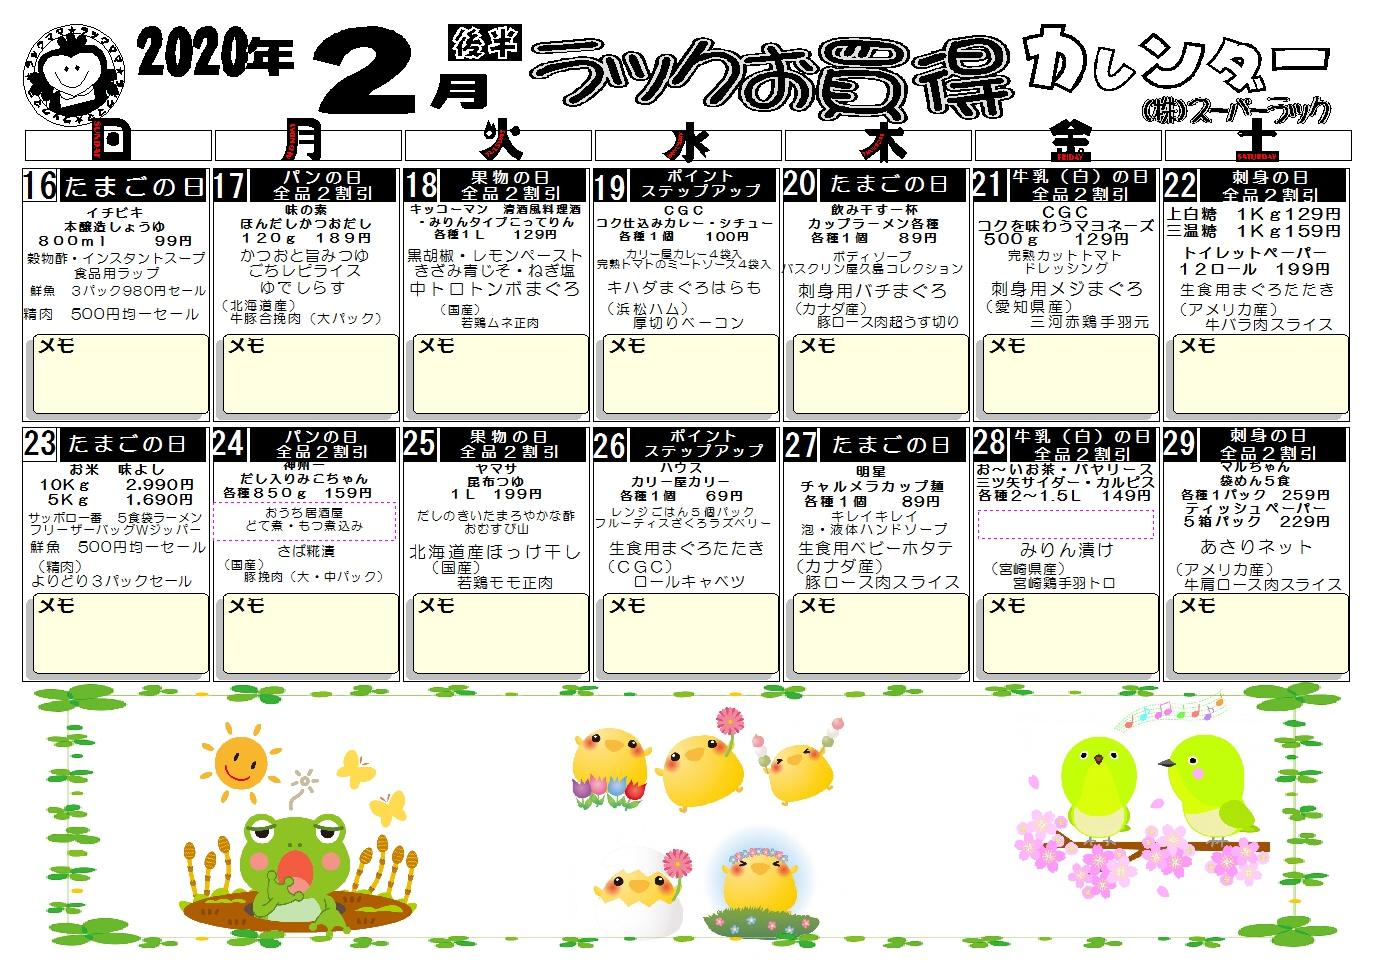 ラックお買い得カレンダー2020年2月後半